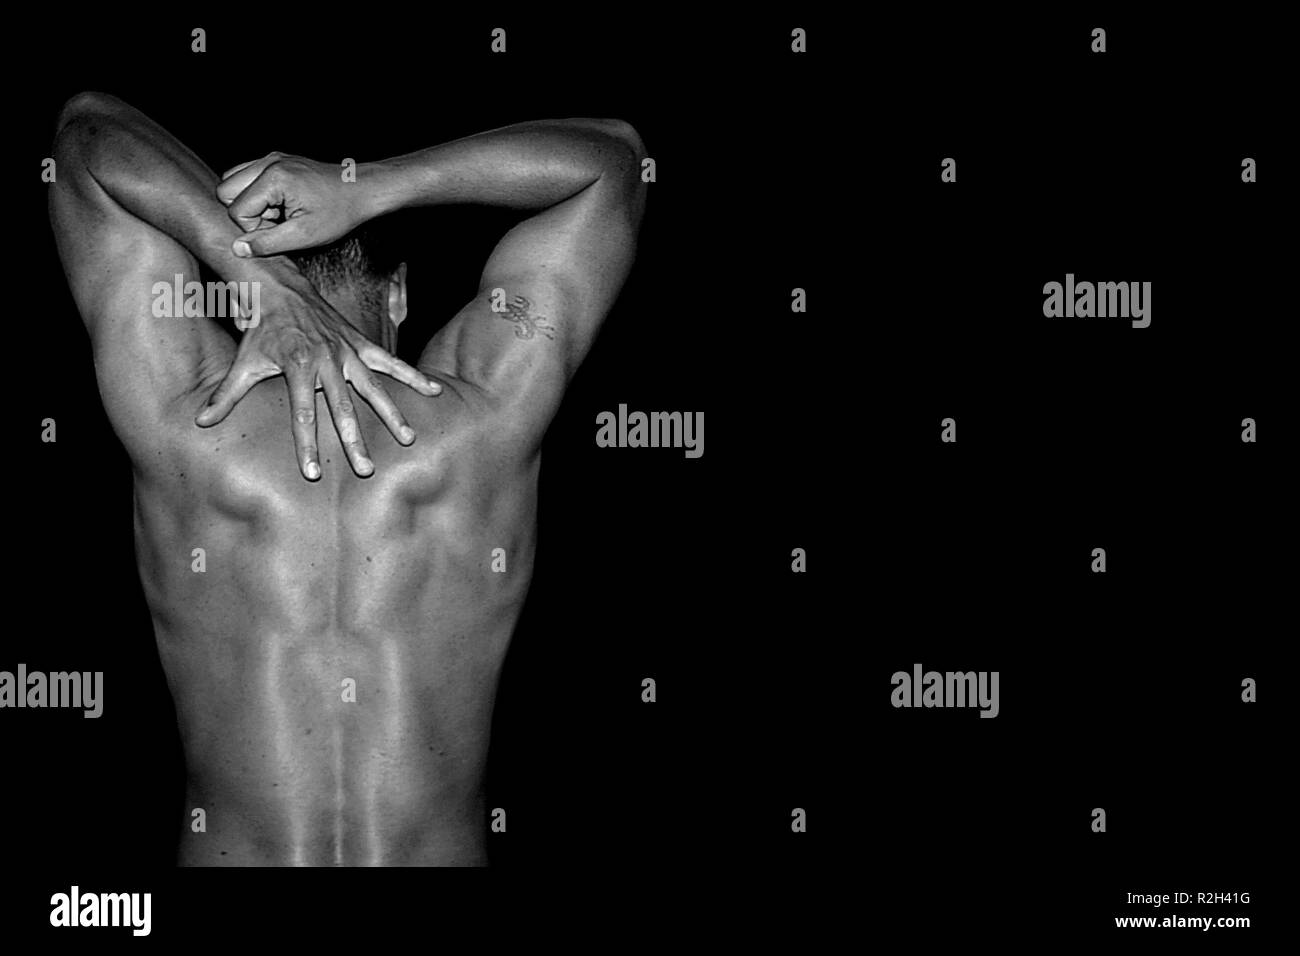 body ... 1 - Stock Image